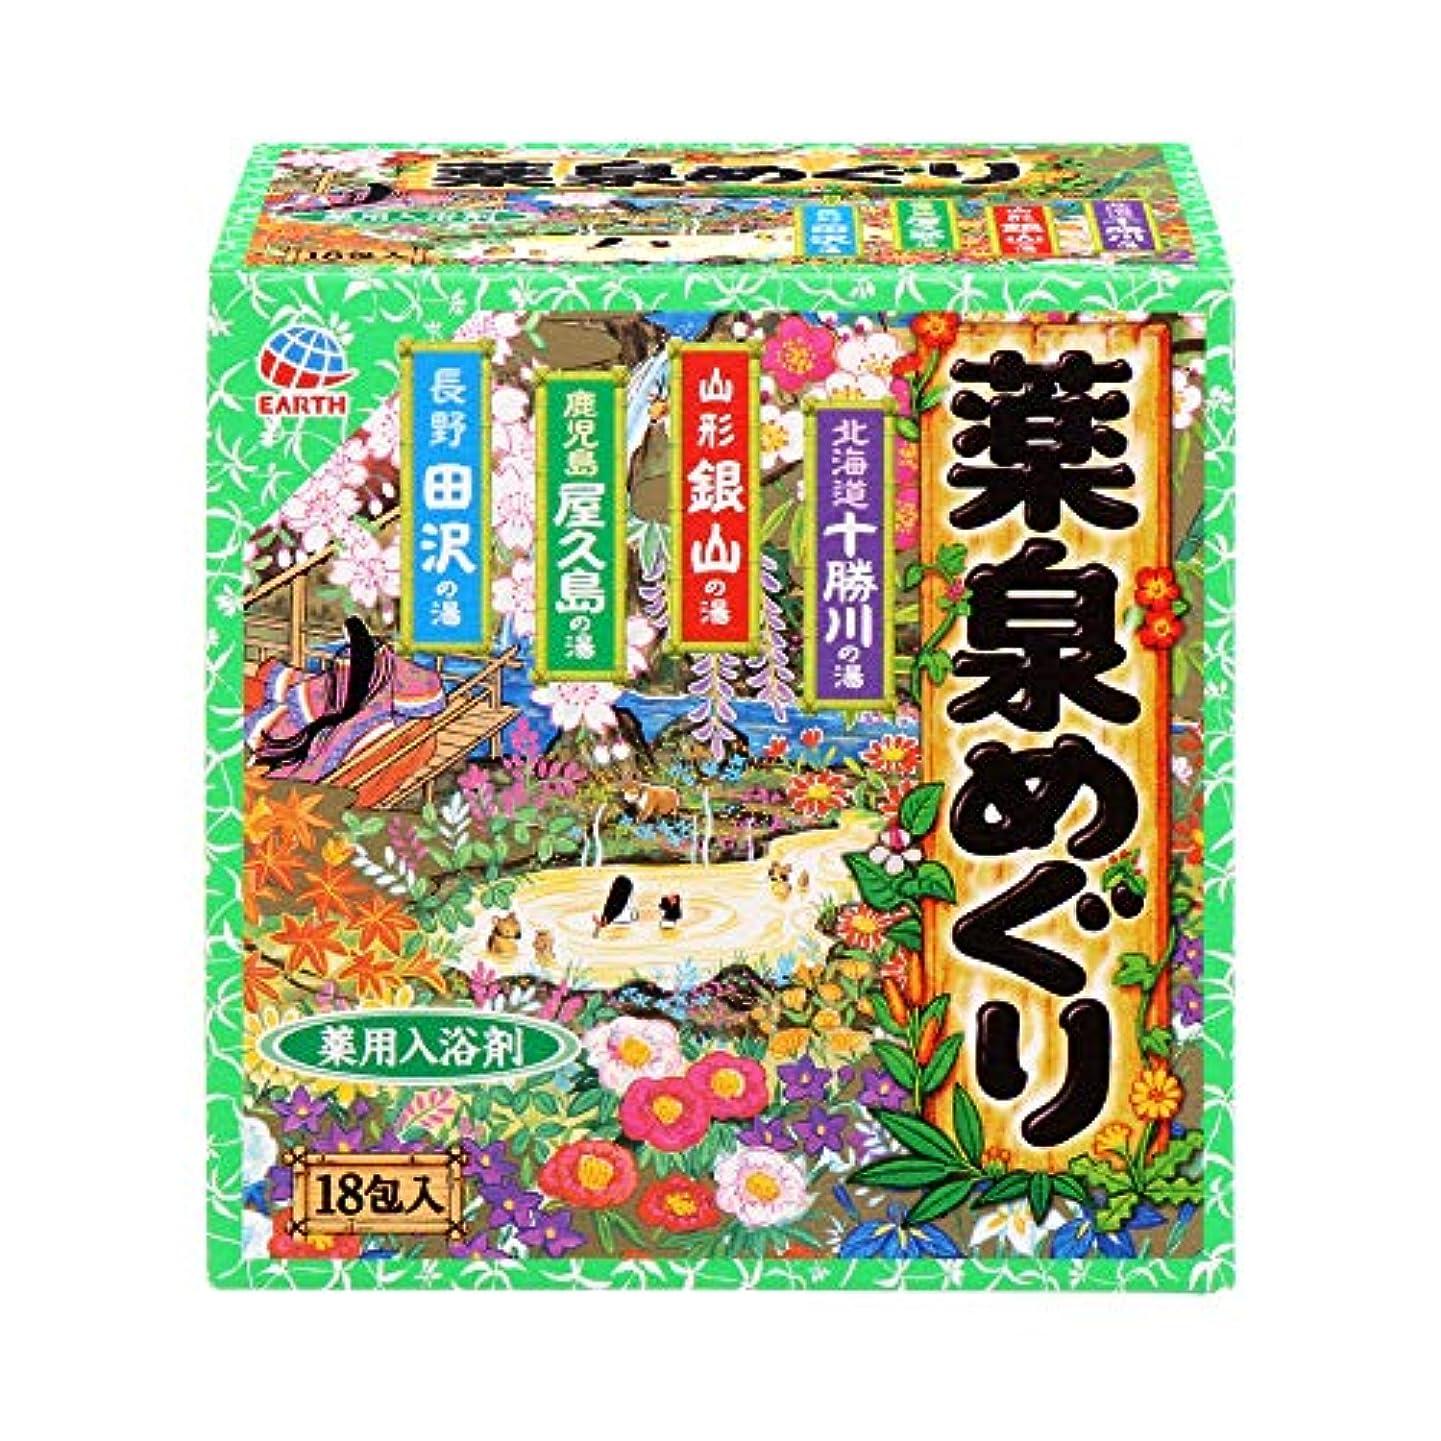 戦闘トランジスタタフ【医薬部外品】薬泉めぐり 入浴剤 [18包入]